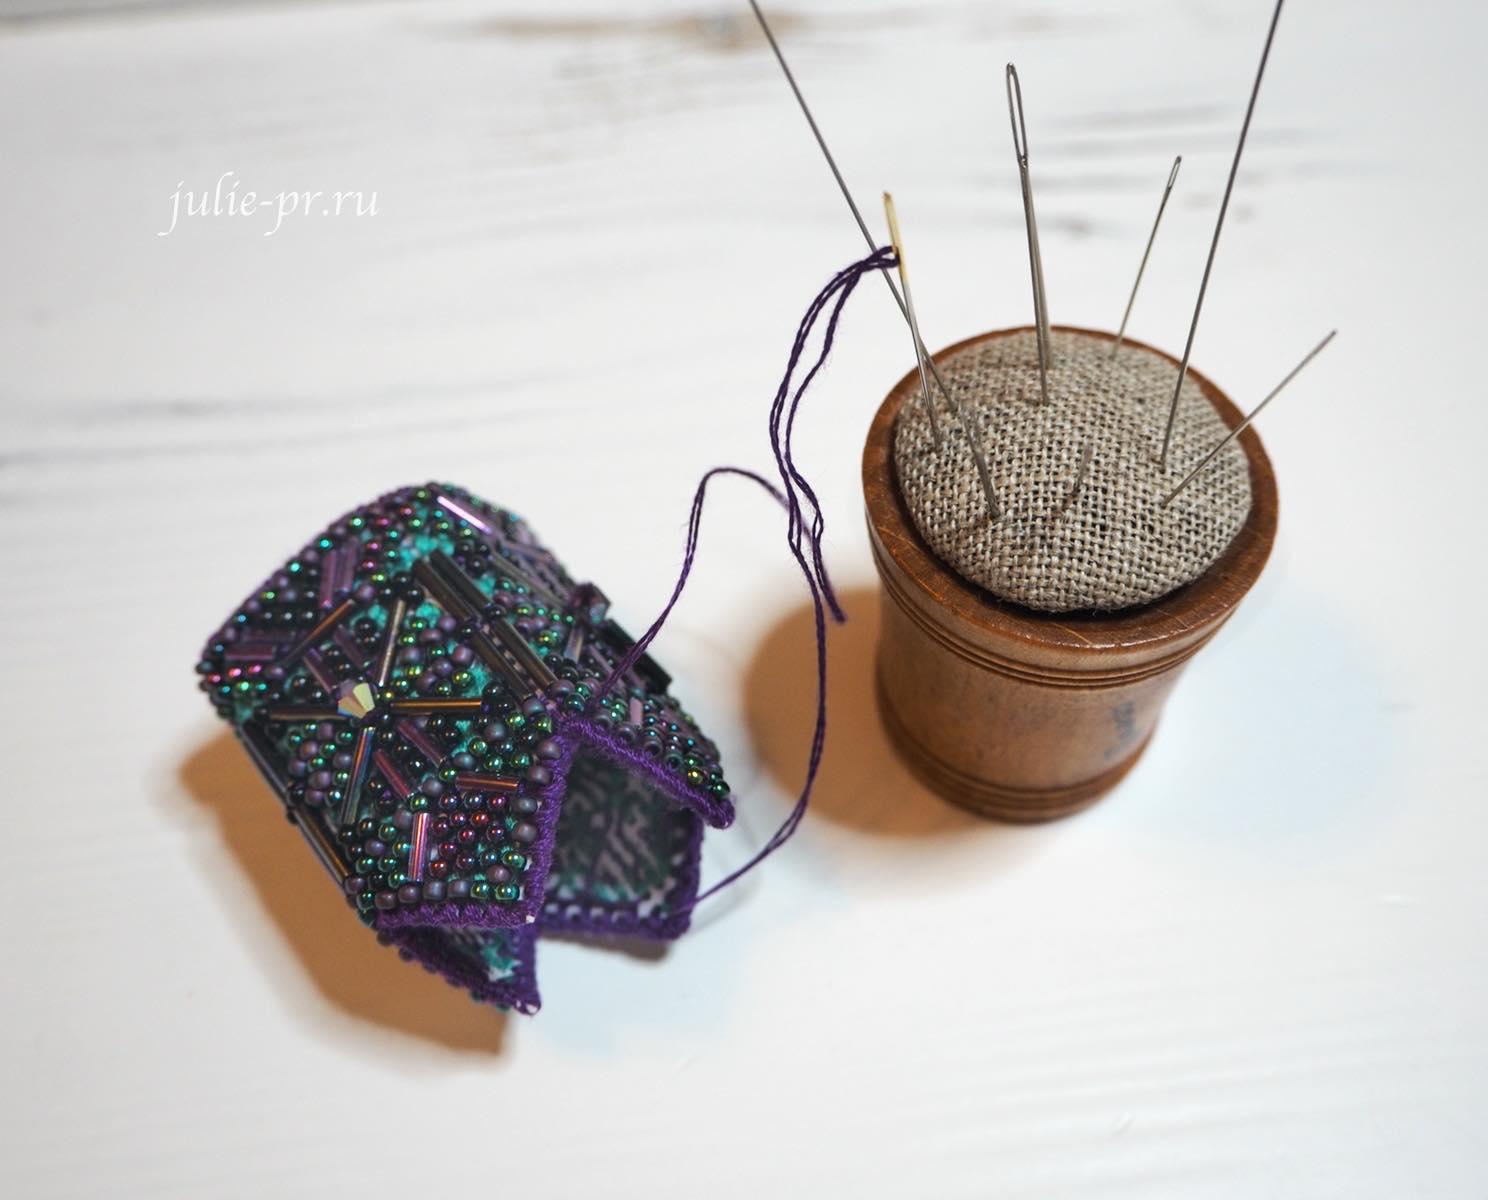 фонарики Mill Hill, tassel ornament, мастер-класс, как собрать фонарики, как сшить фонарики милл хилл, вышивка крестом и бисером